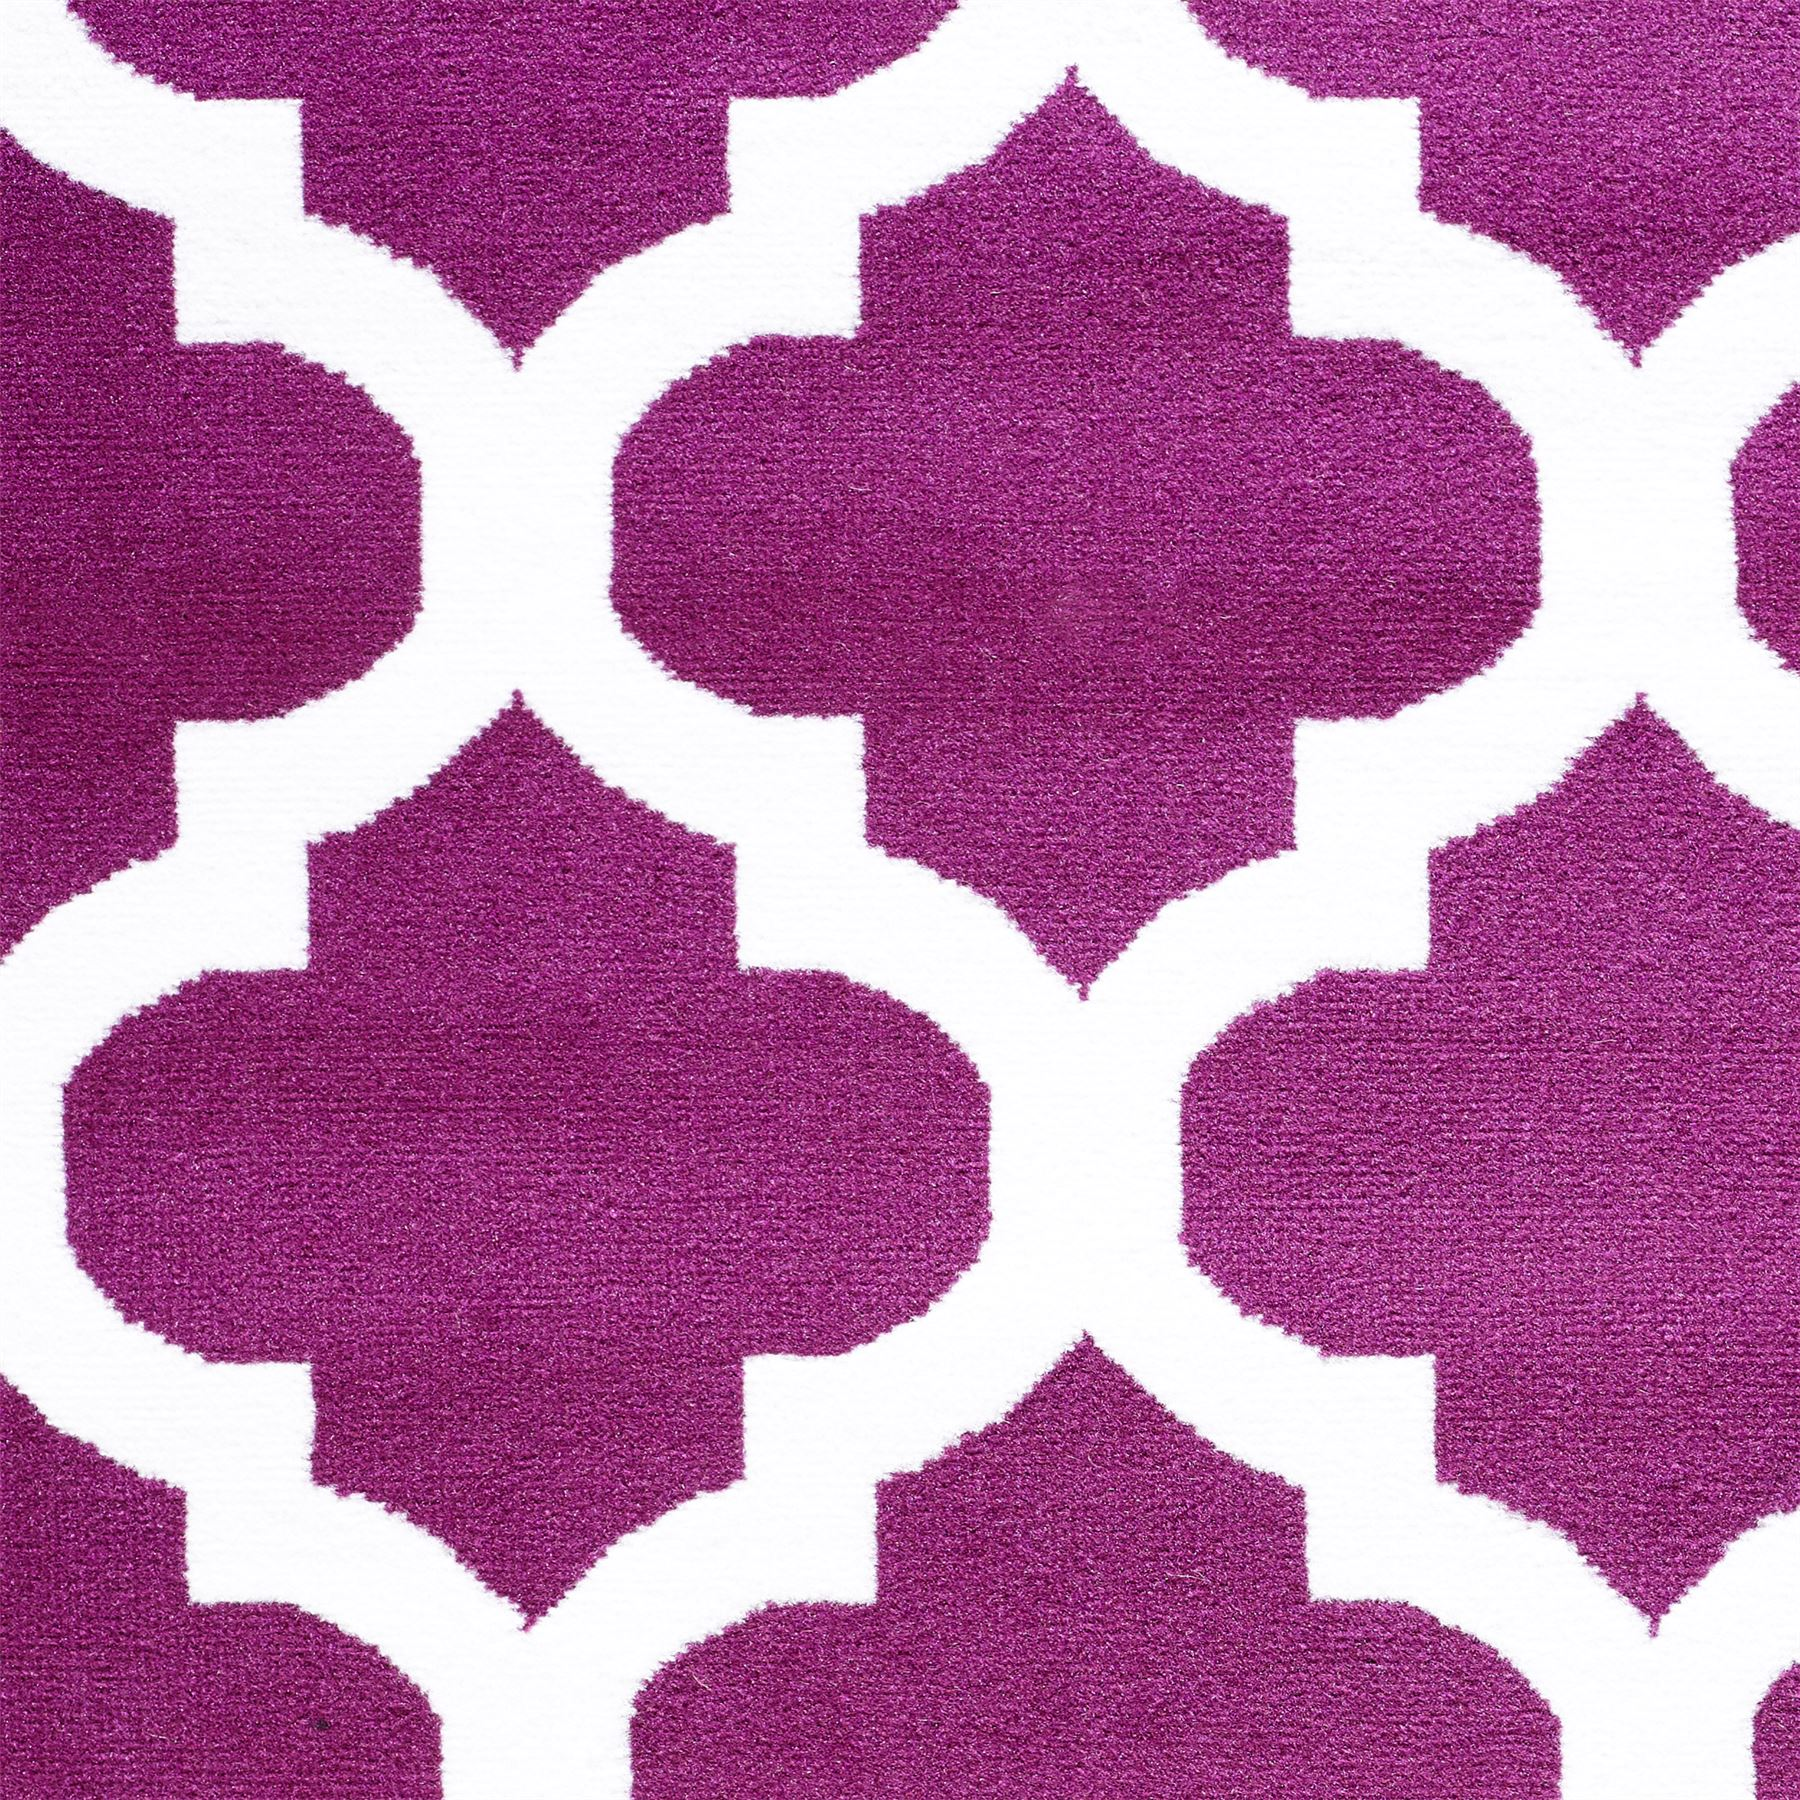 Nero-Rosso-Argento-Bianco-Viola-Moderno-Area-Tappeto-Traliccio-DESIGN-CUCINA-outdoorrug miniatura 14